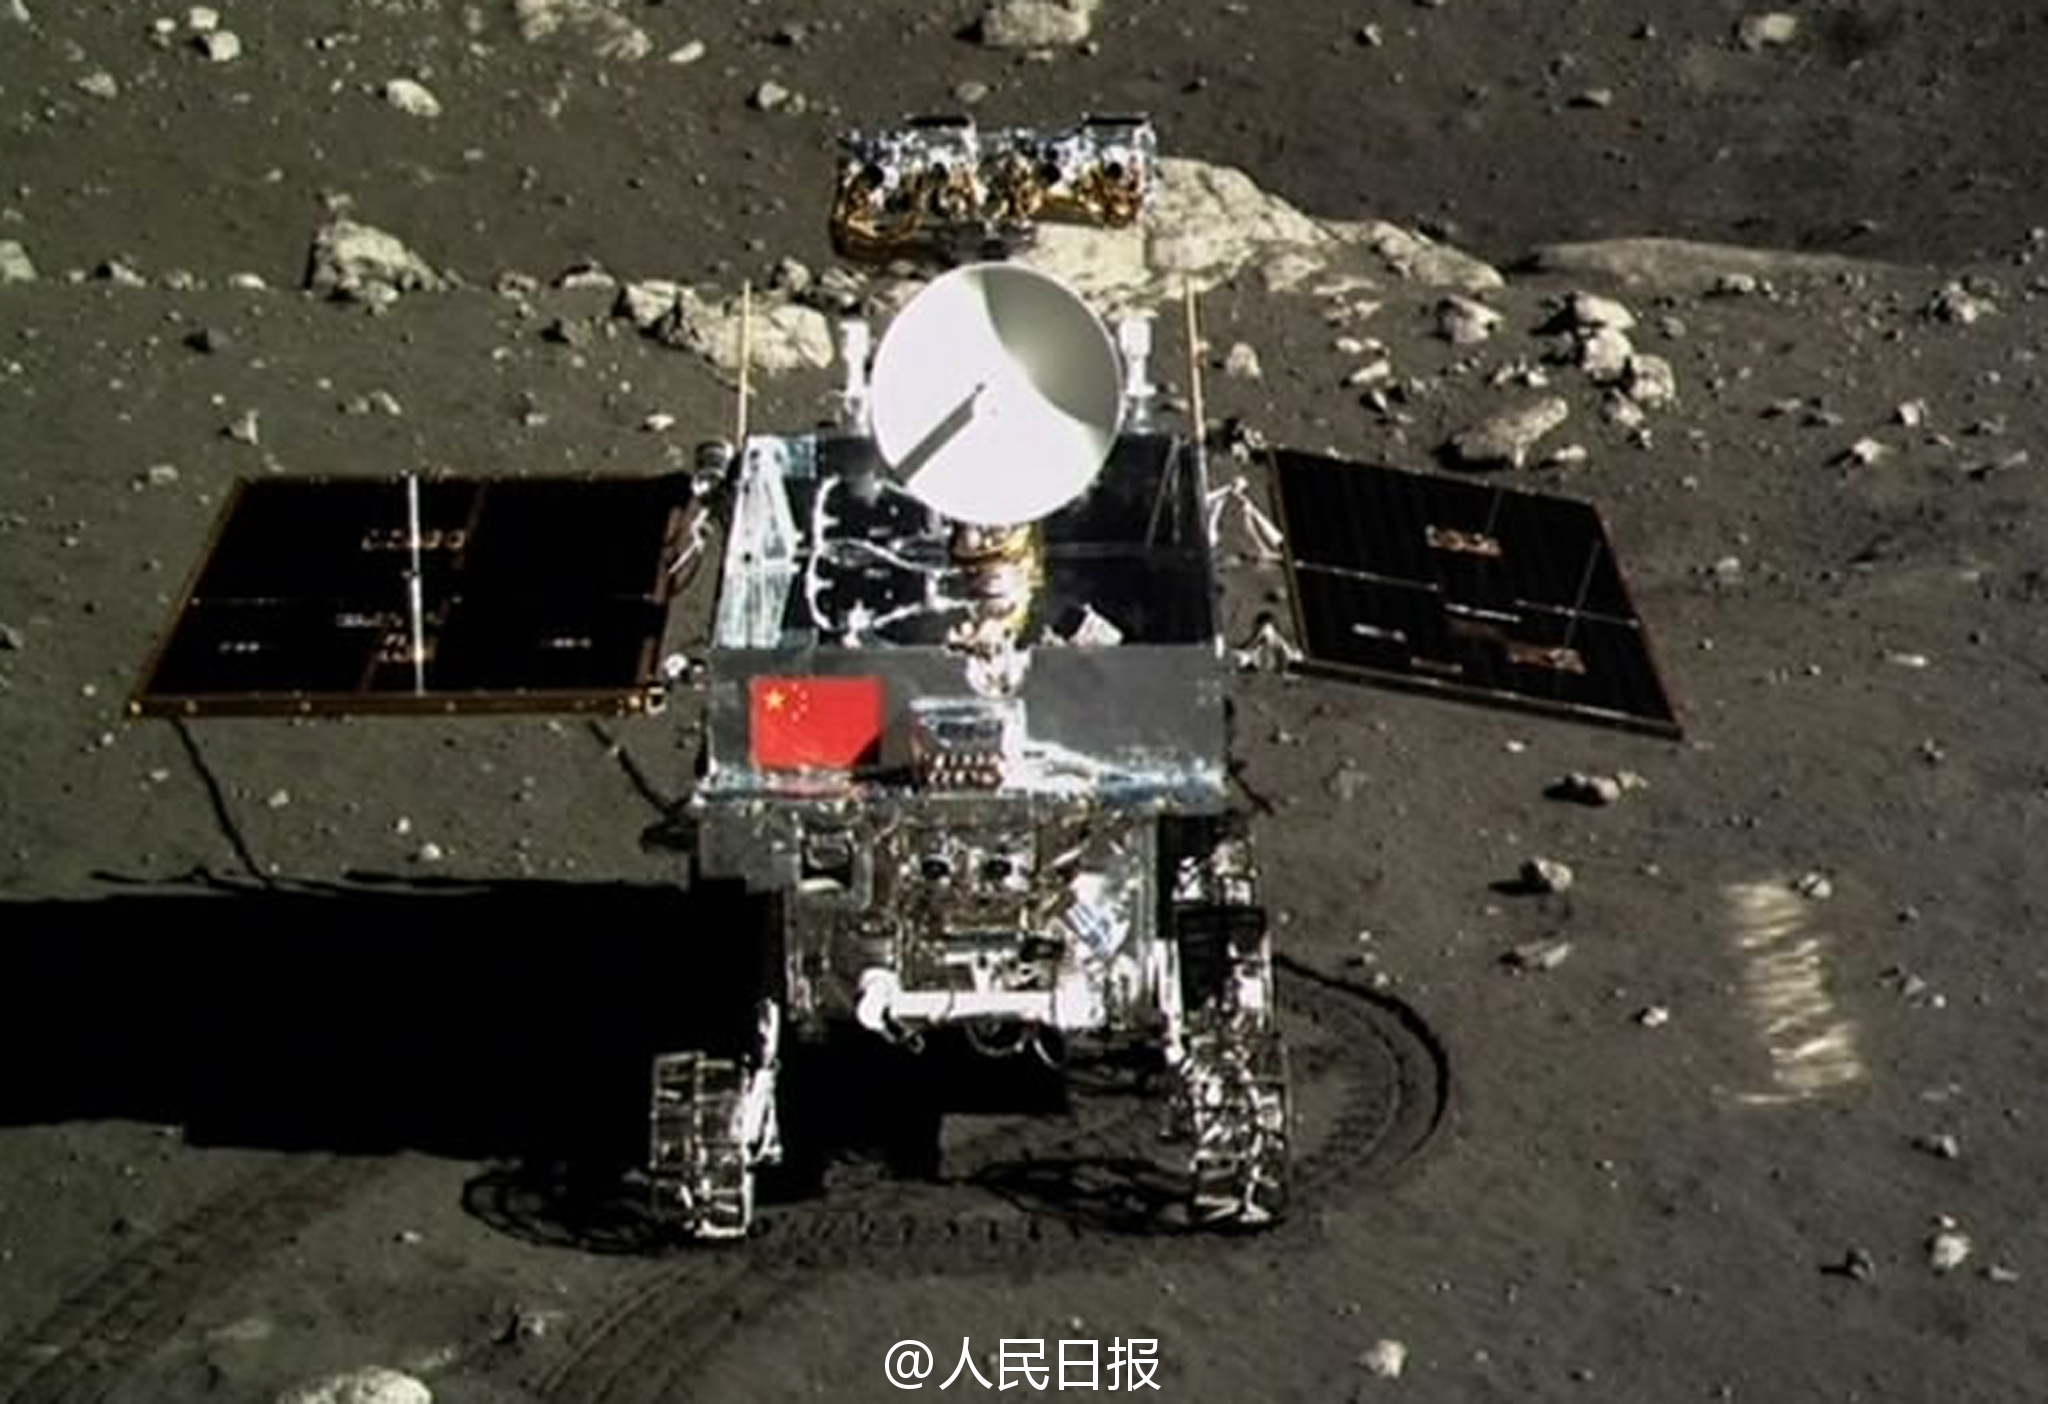 2013: Châu Á chinh phục không gian